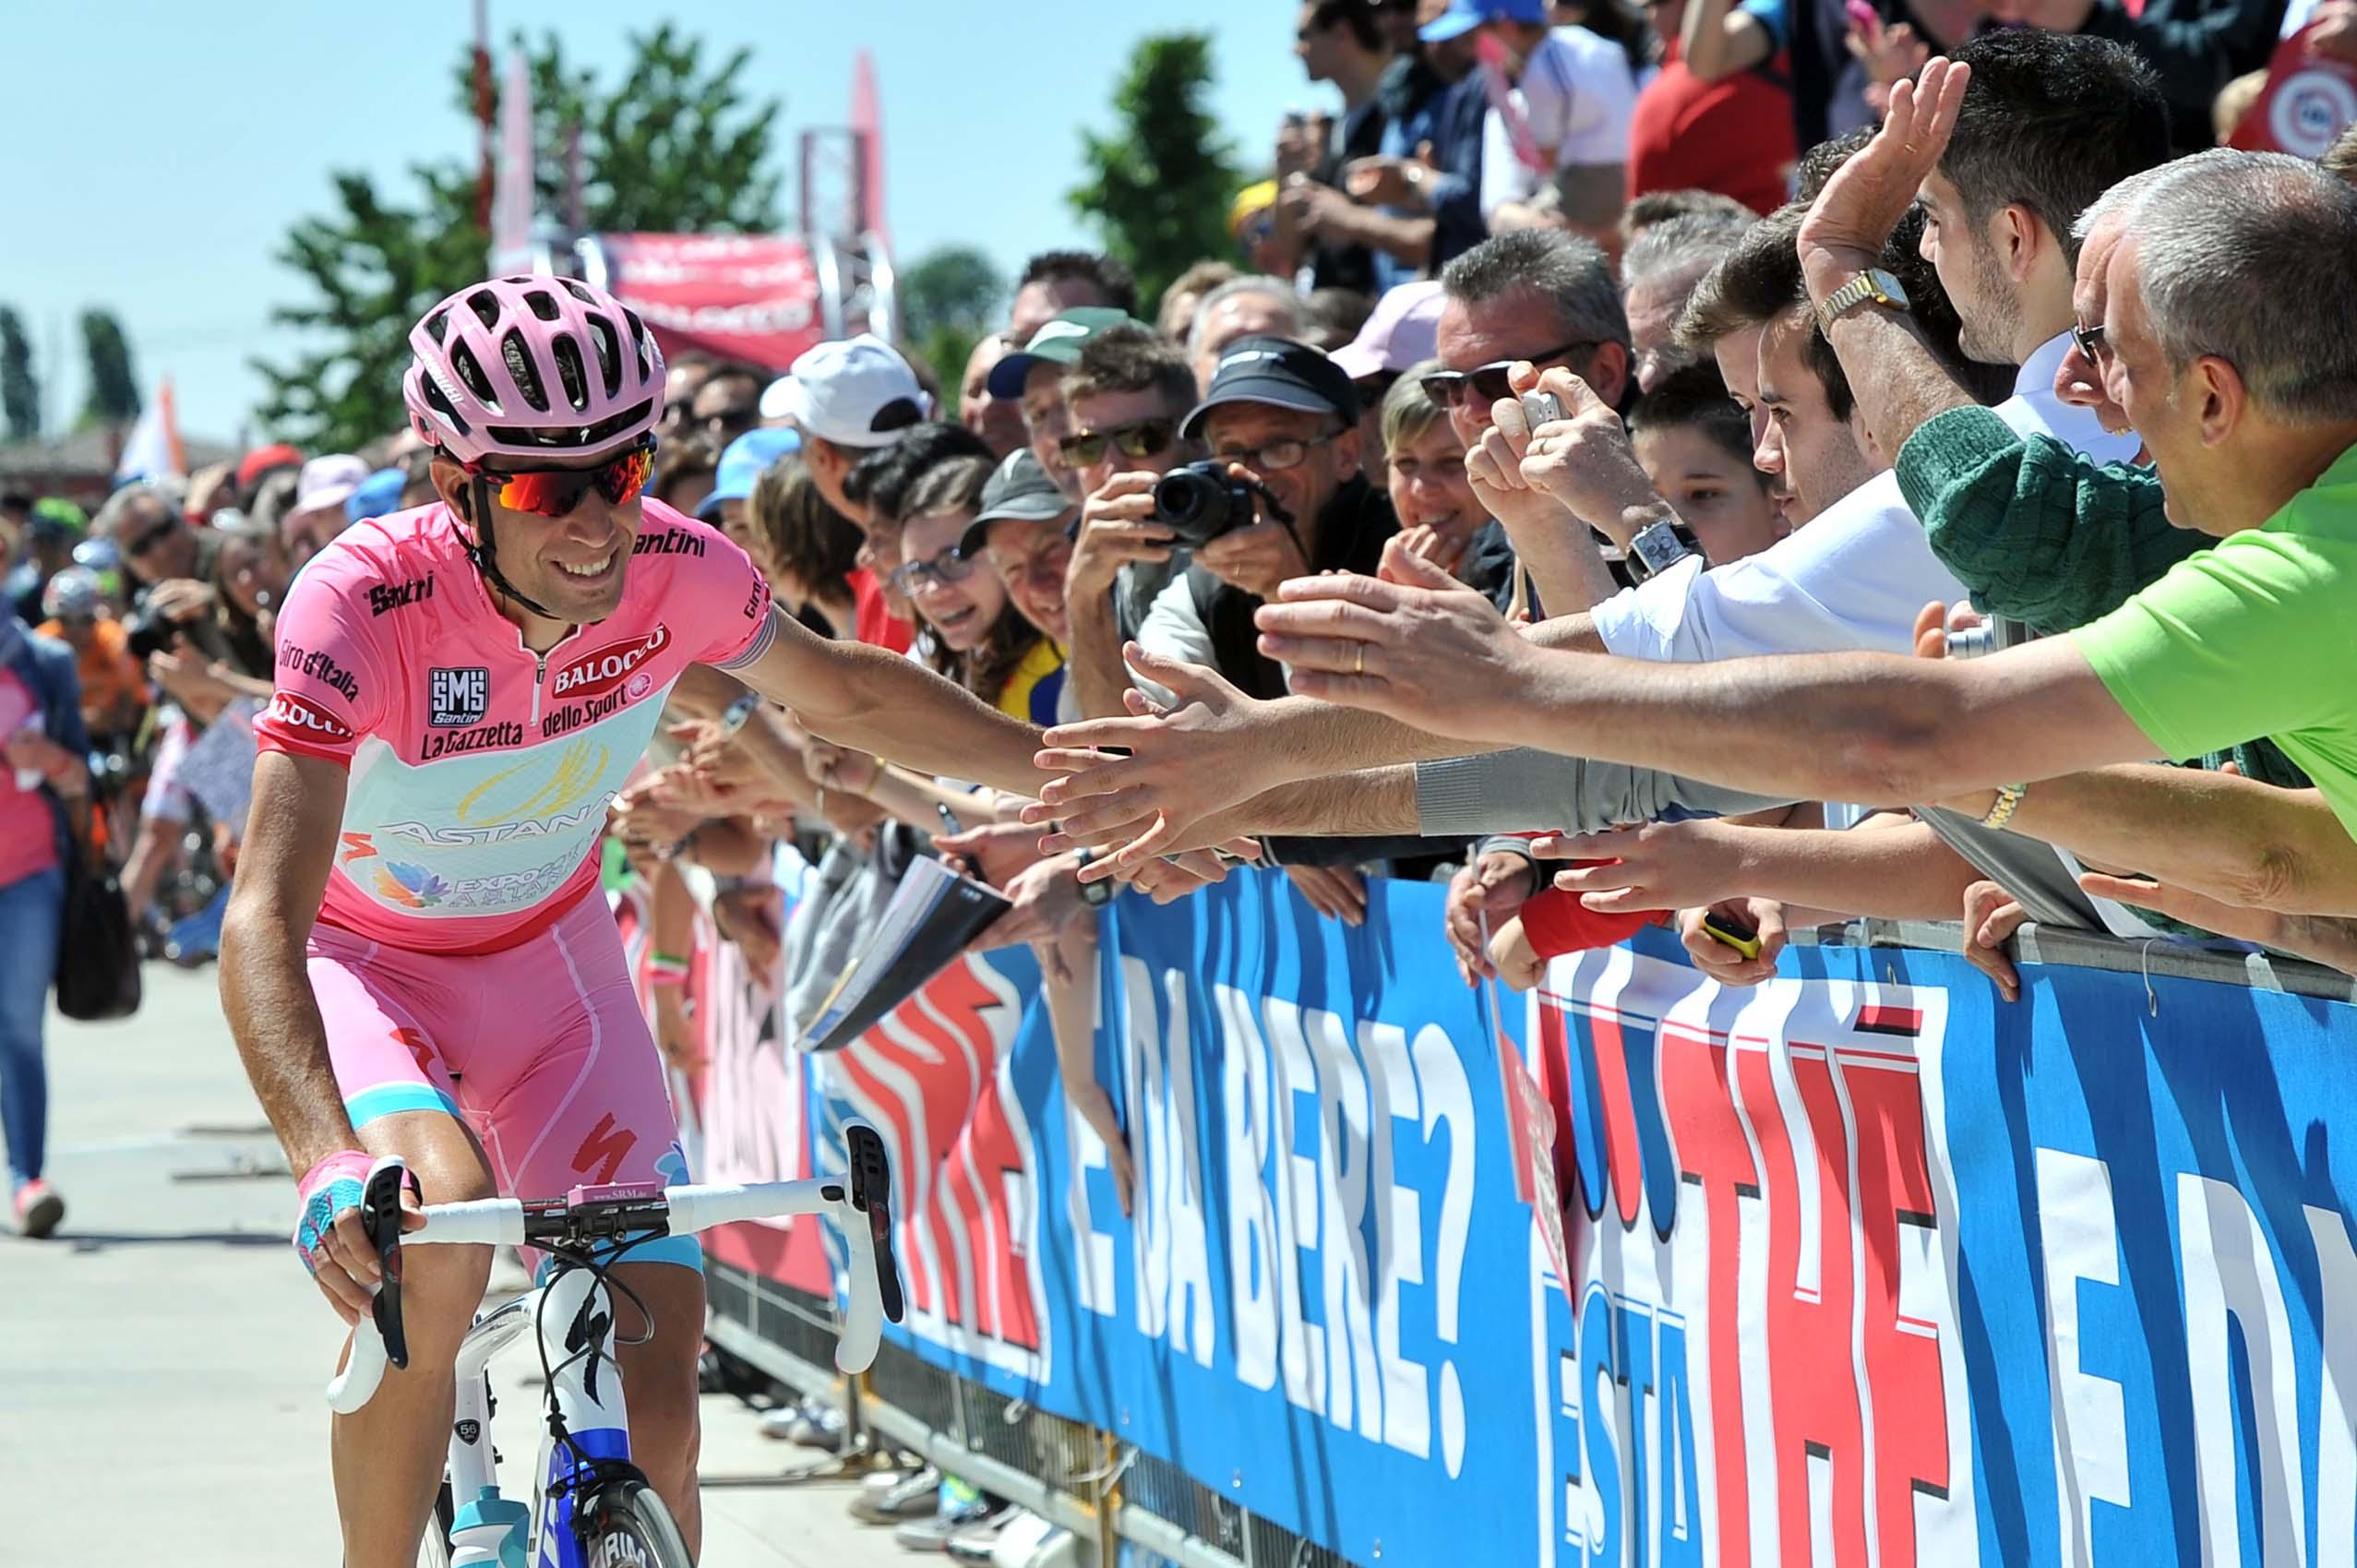 Presentazione del Giro d'Italia 2013